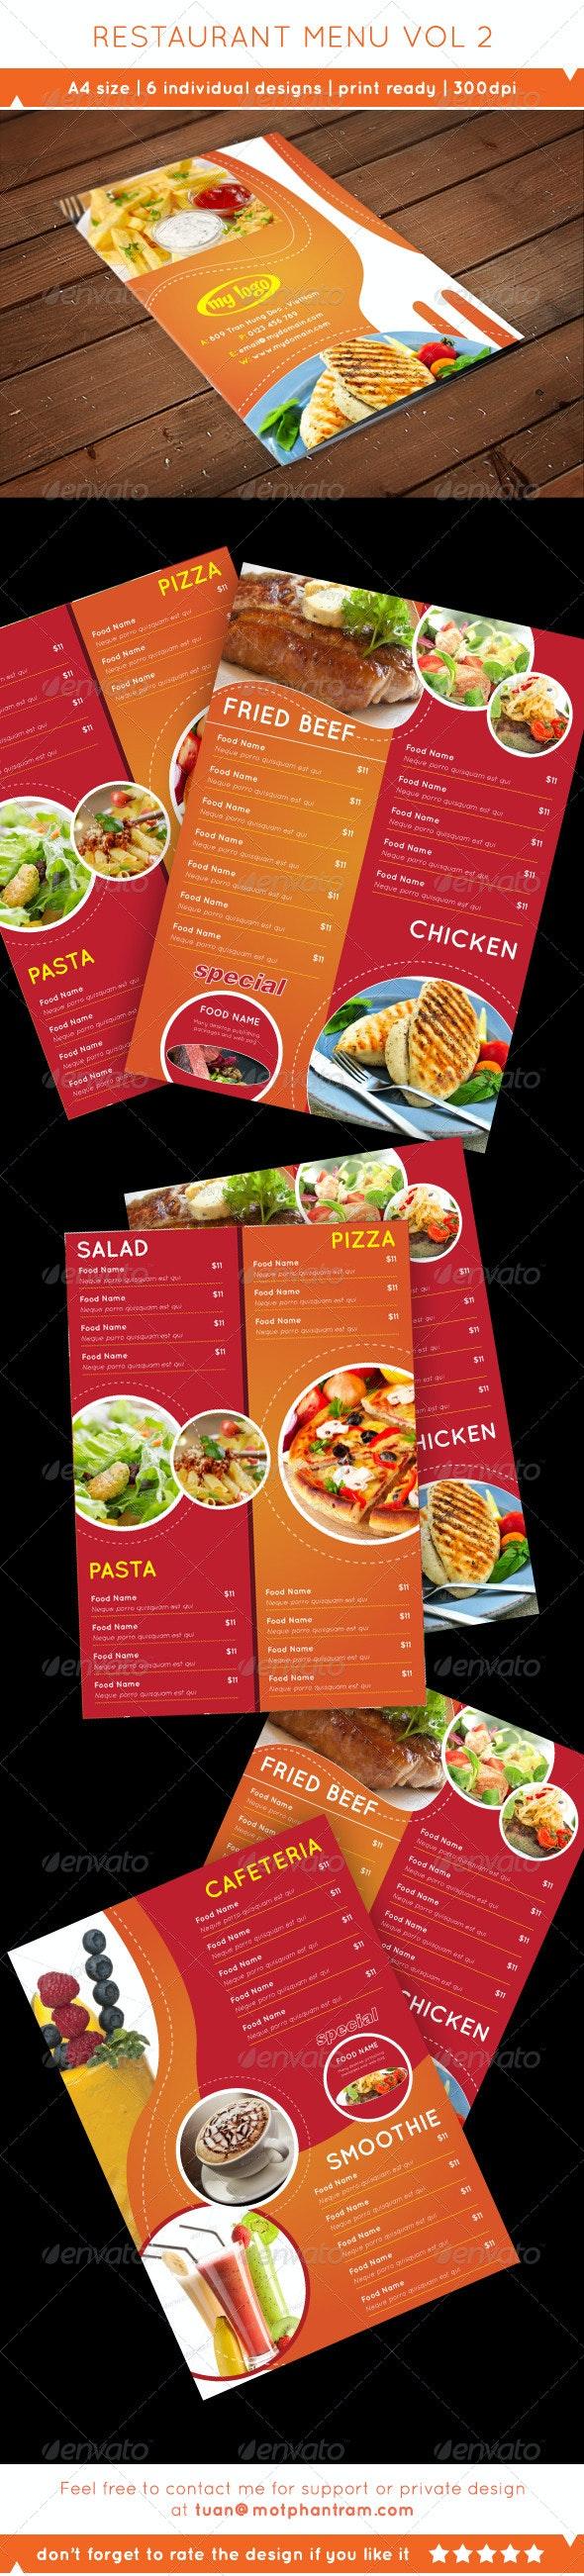 A4 Flyer Food Menu Vol 2 - Food Menus Print Templates